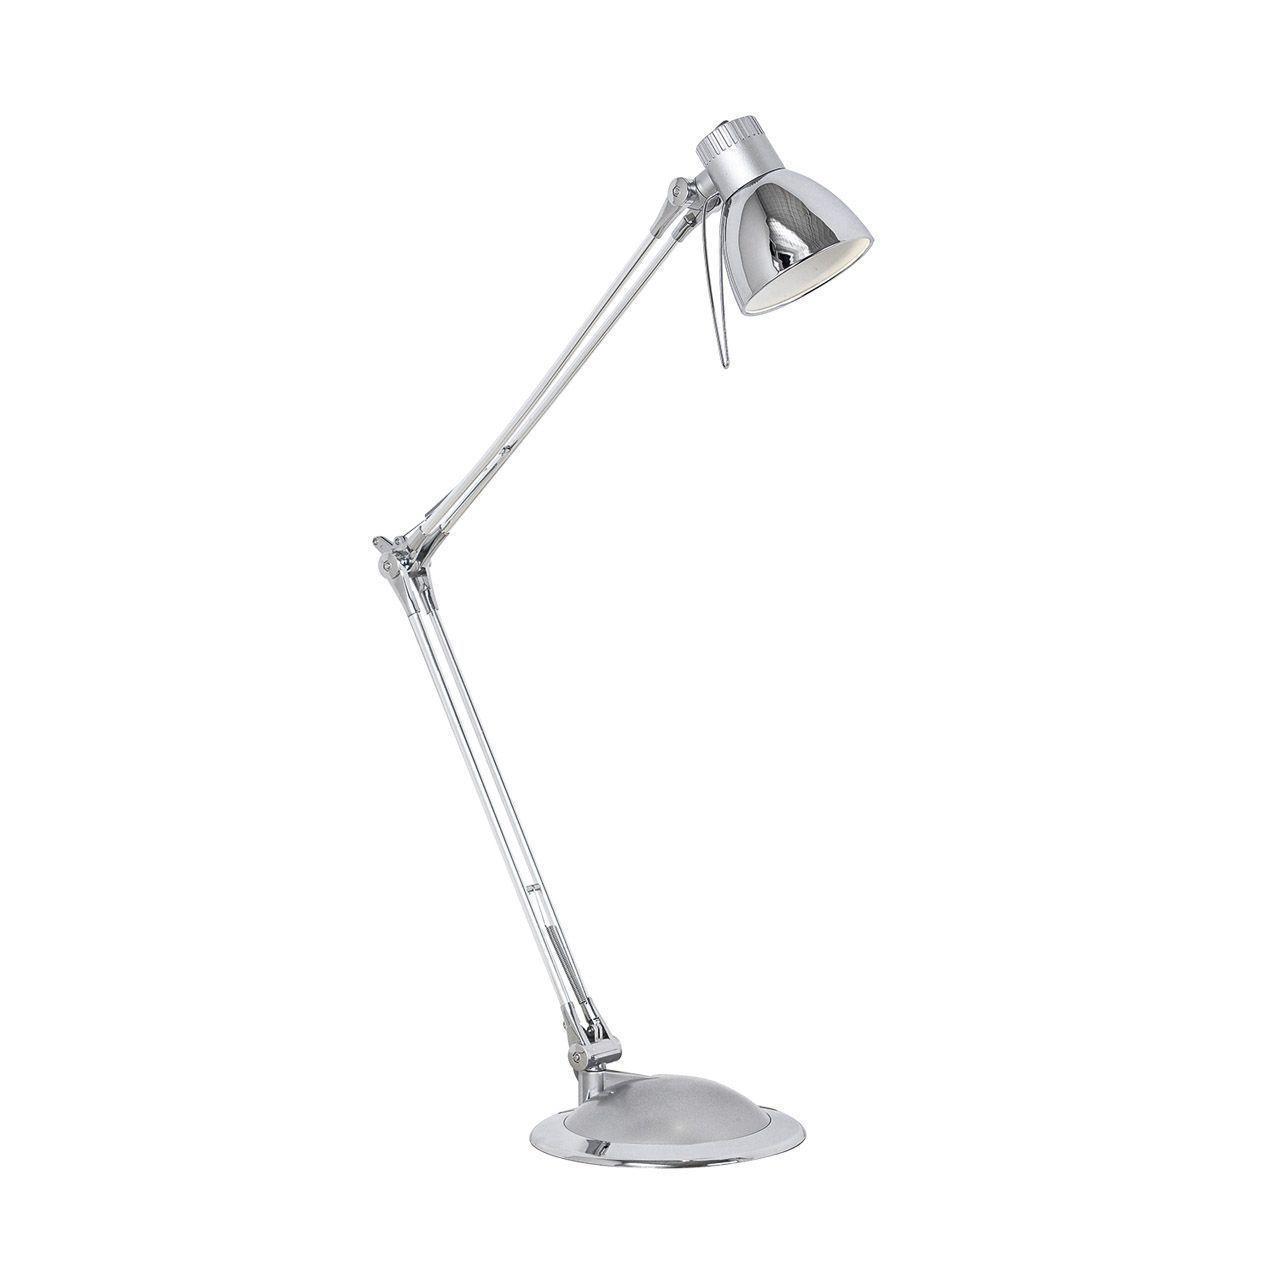 Настольная лампа Eglo Plano Led 95829 eglo настольная лампа eglo plano led 95829